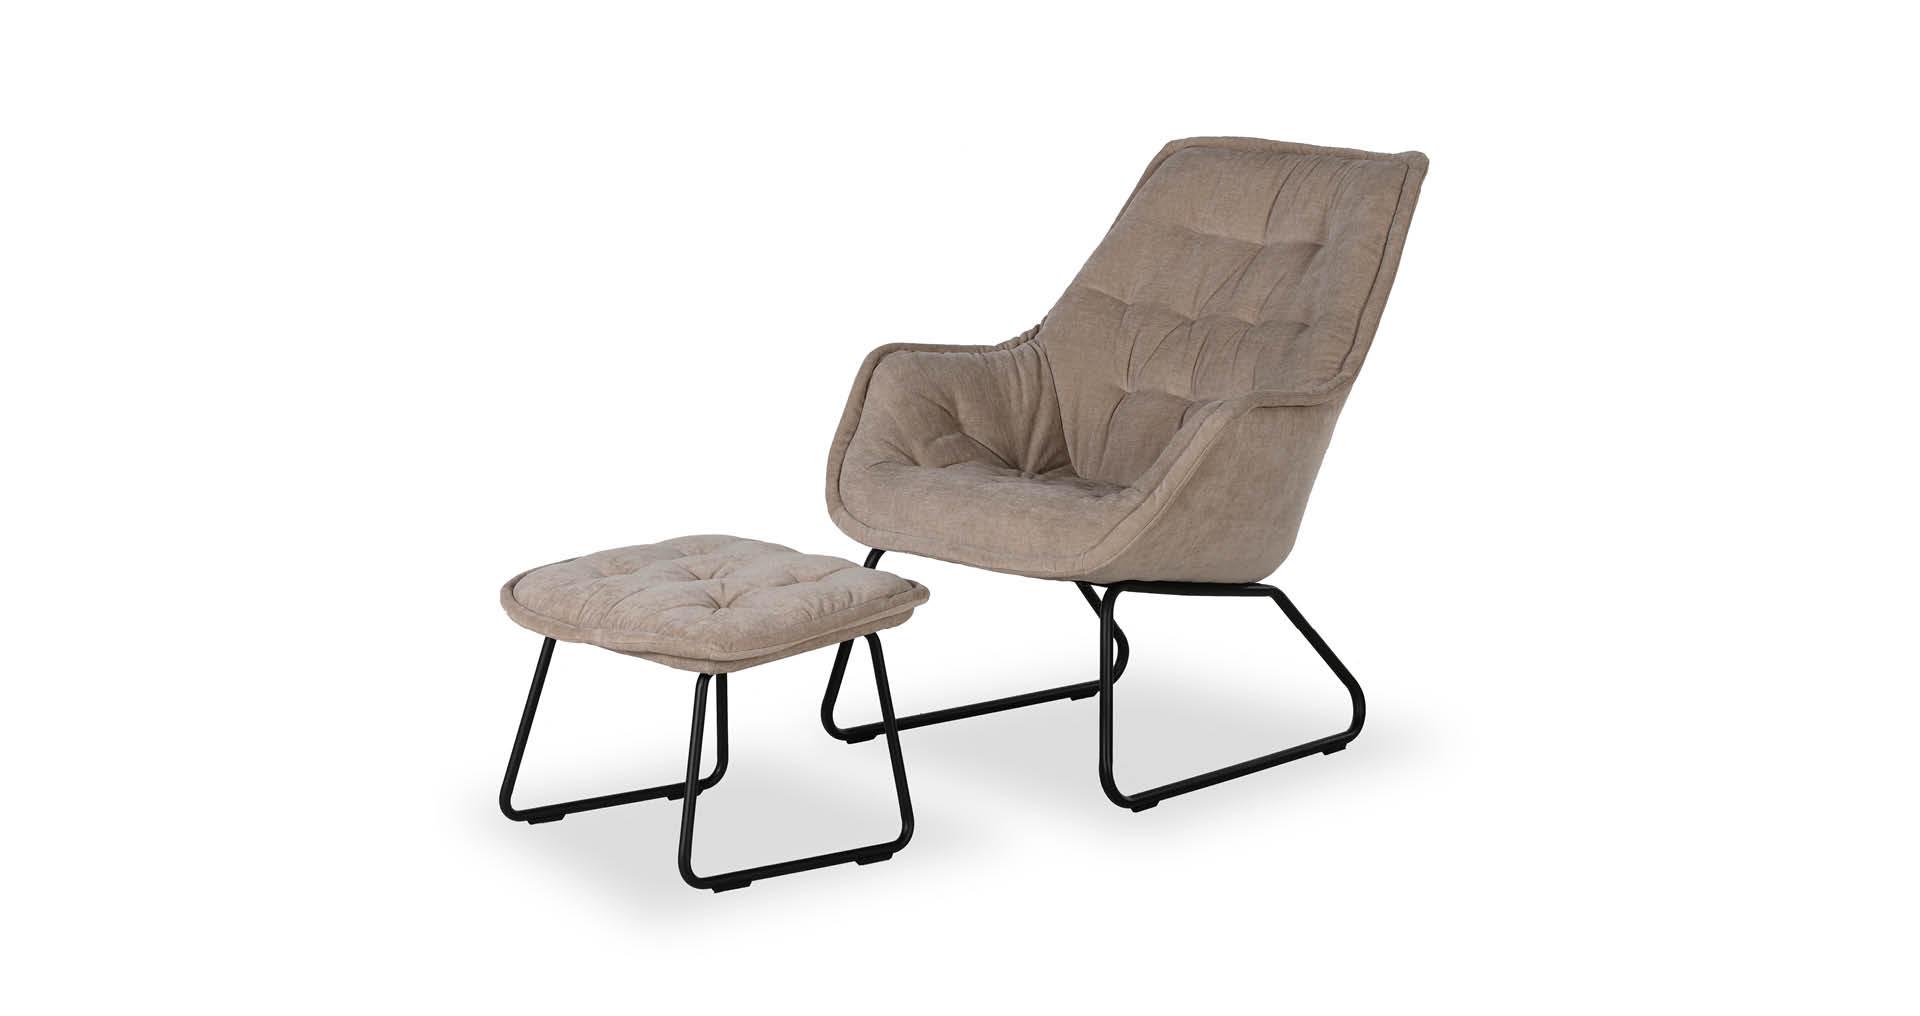 כורסא + הדום לוסי בגוון בז' טופי